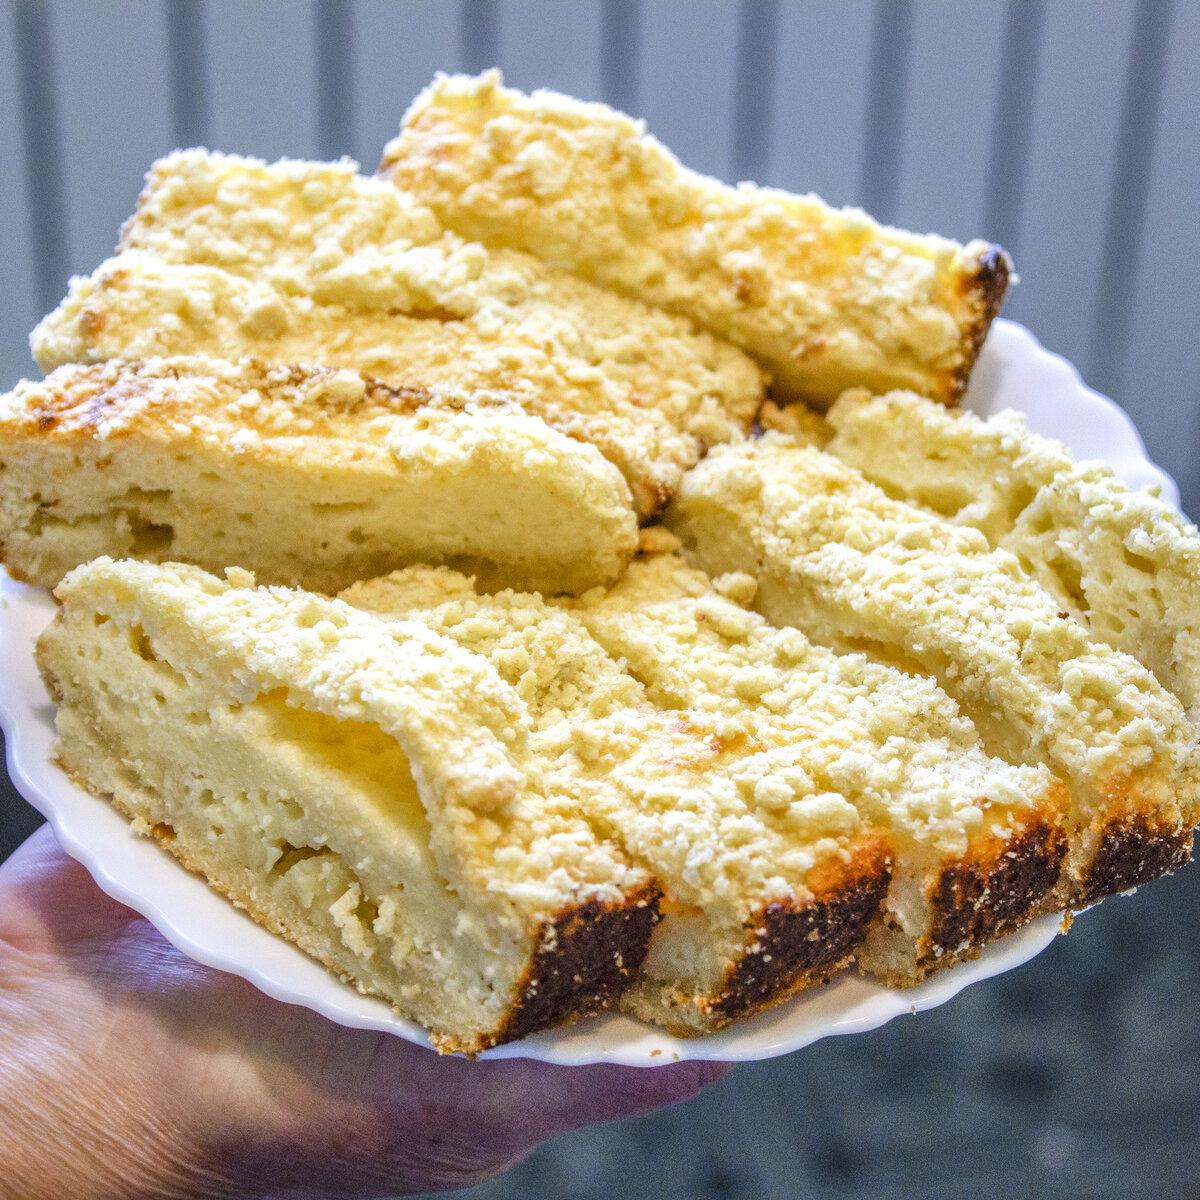 пироги из творога рецепты с фото занятости населения